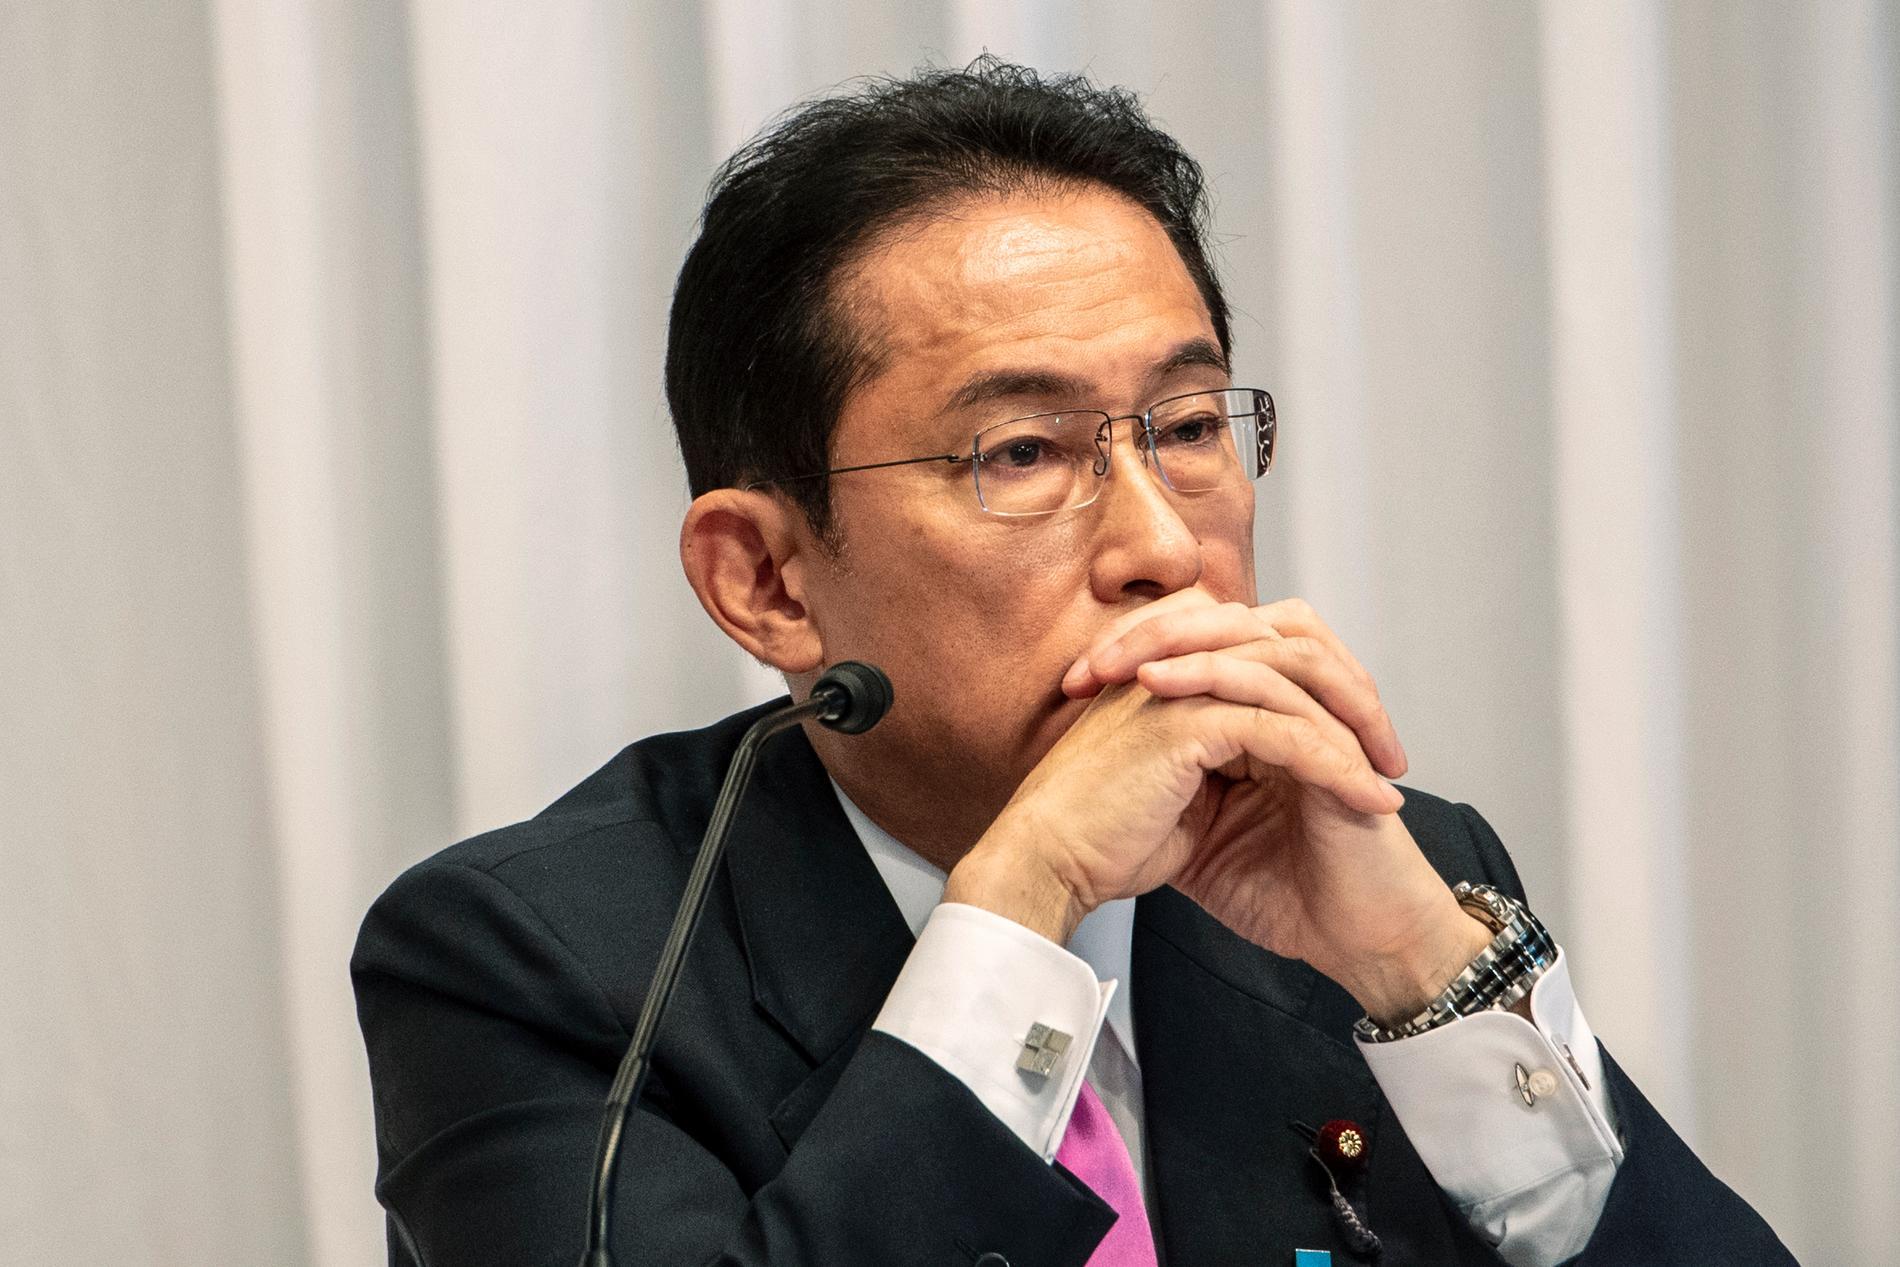 Fumio Kishida har röstats fram som ny partiledare för Japans styrande parti LDP.